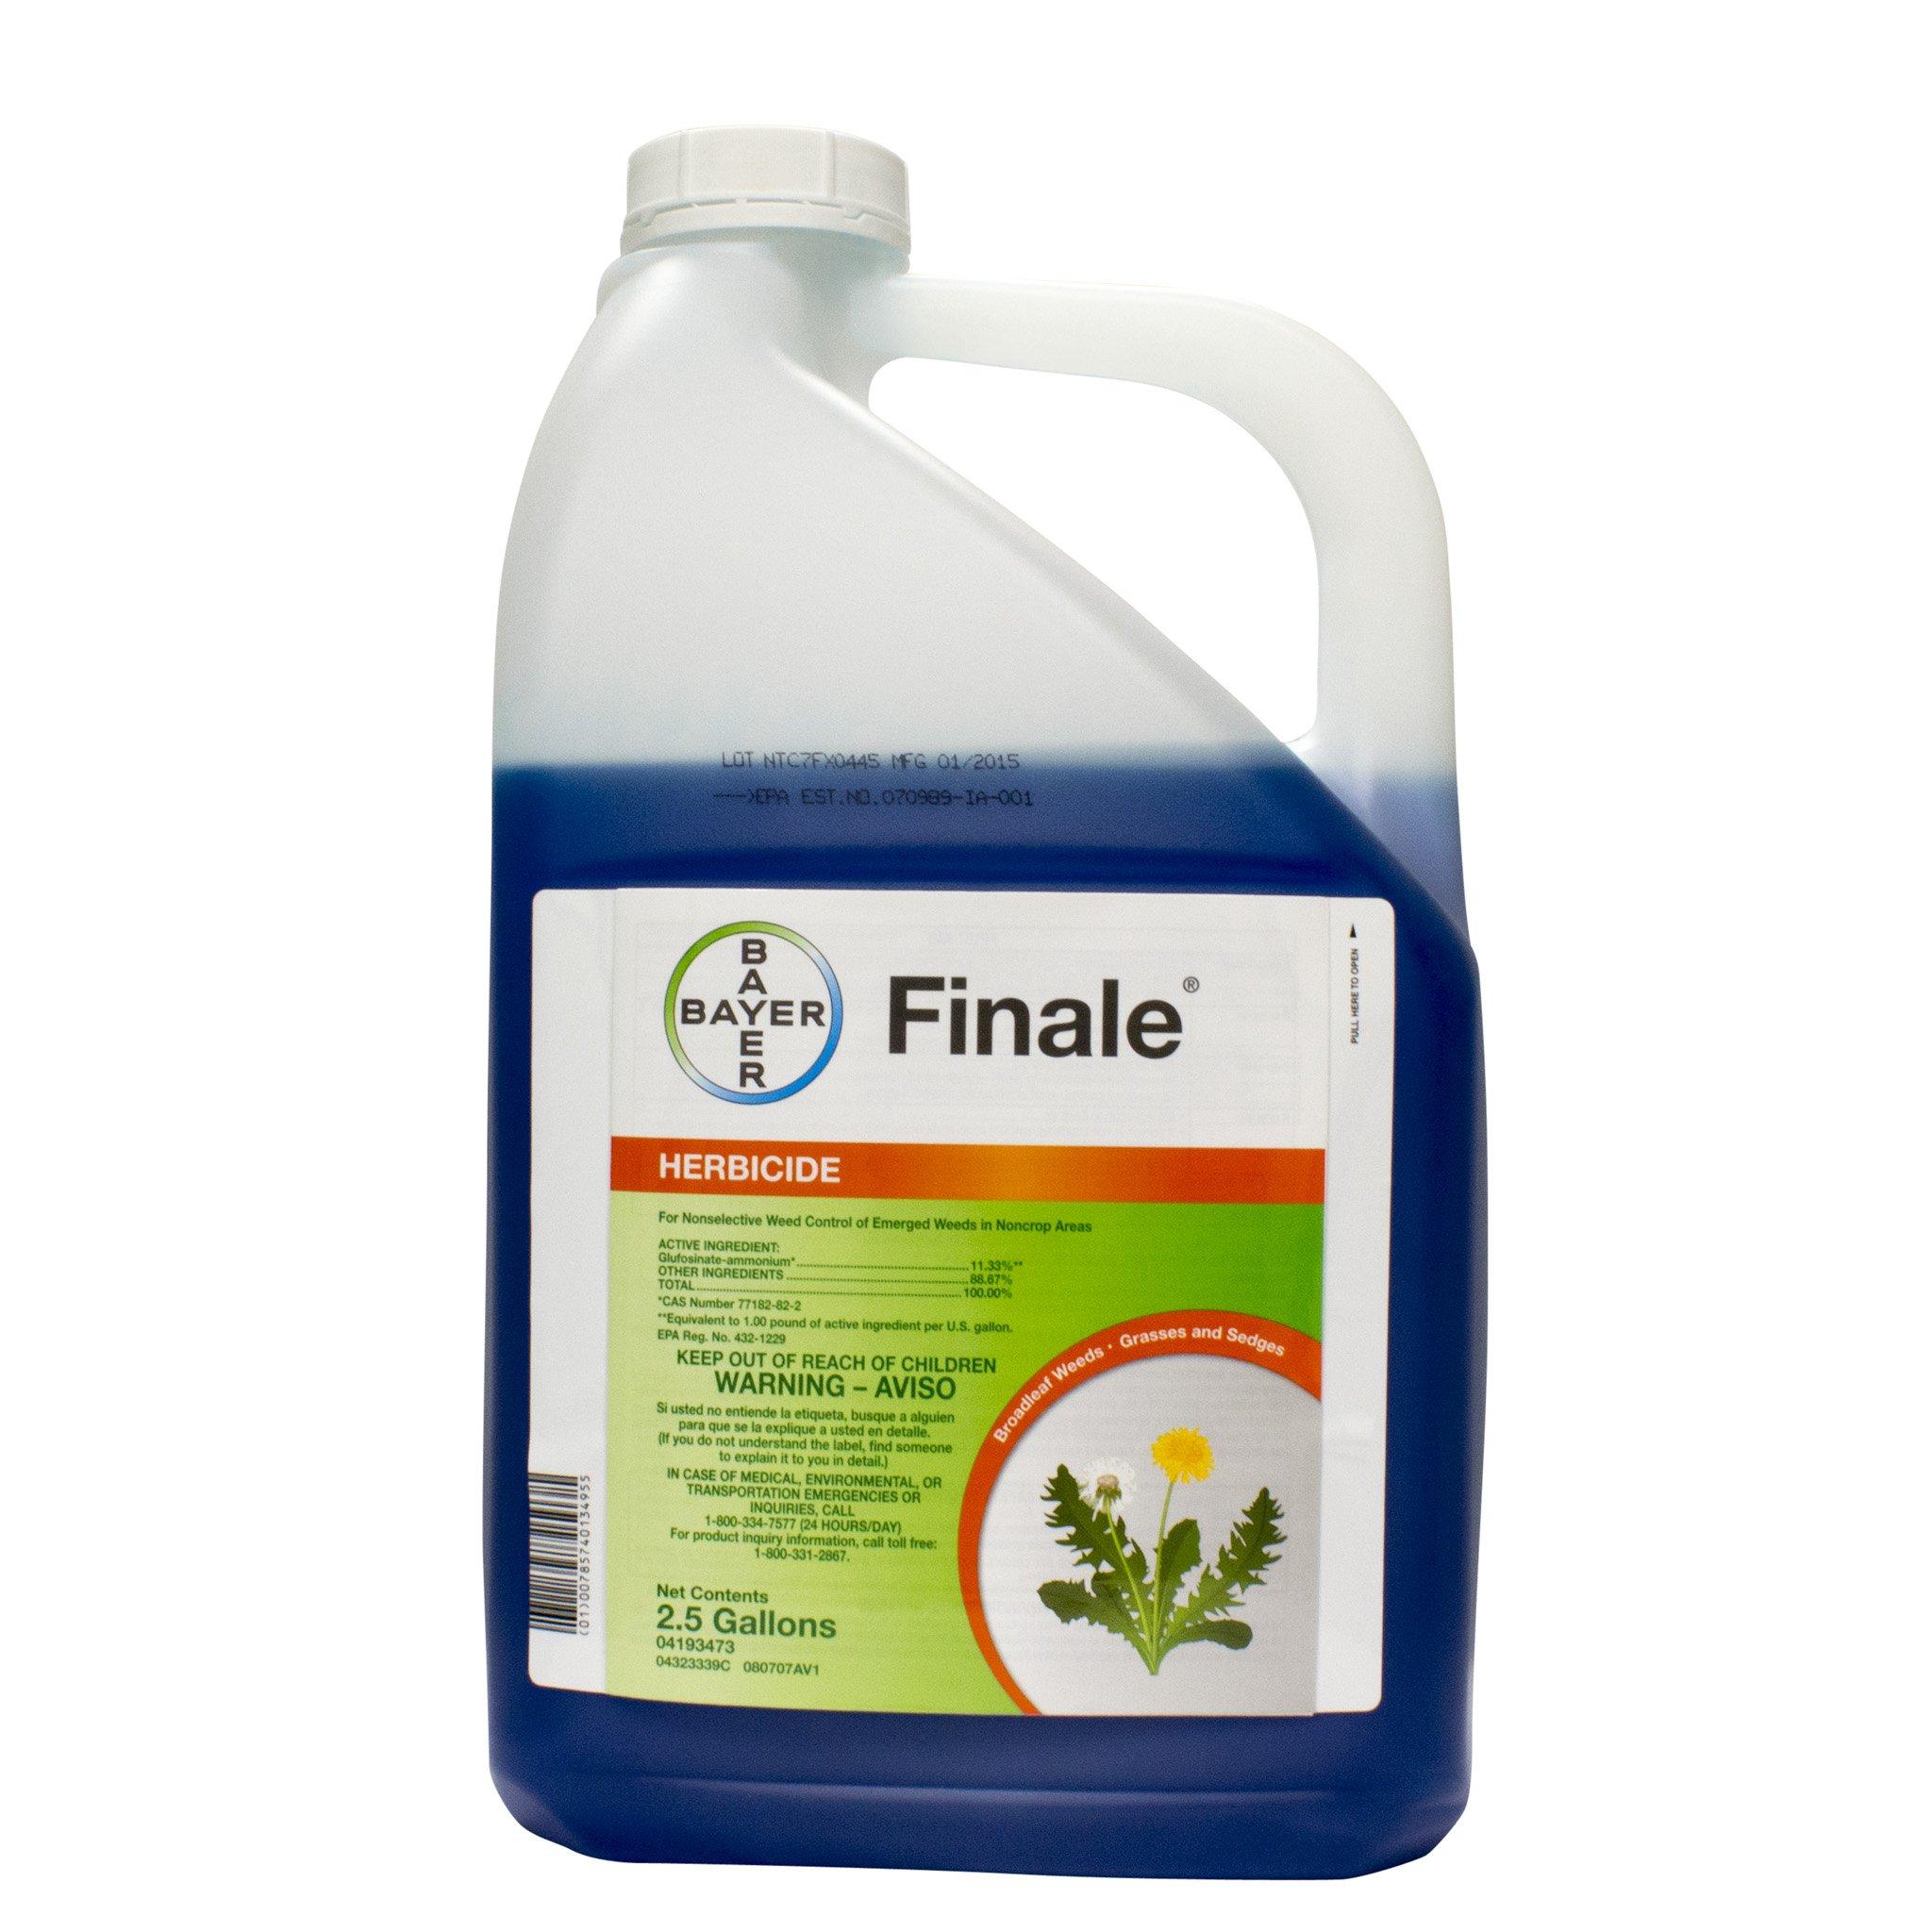 Finale Herbicide 2.5 gallon 11.33% glufosinate-ammonium